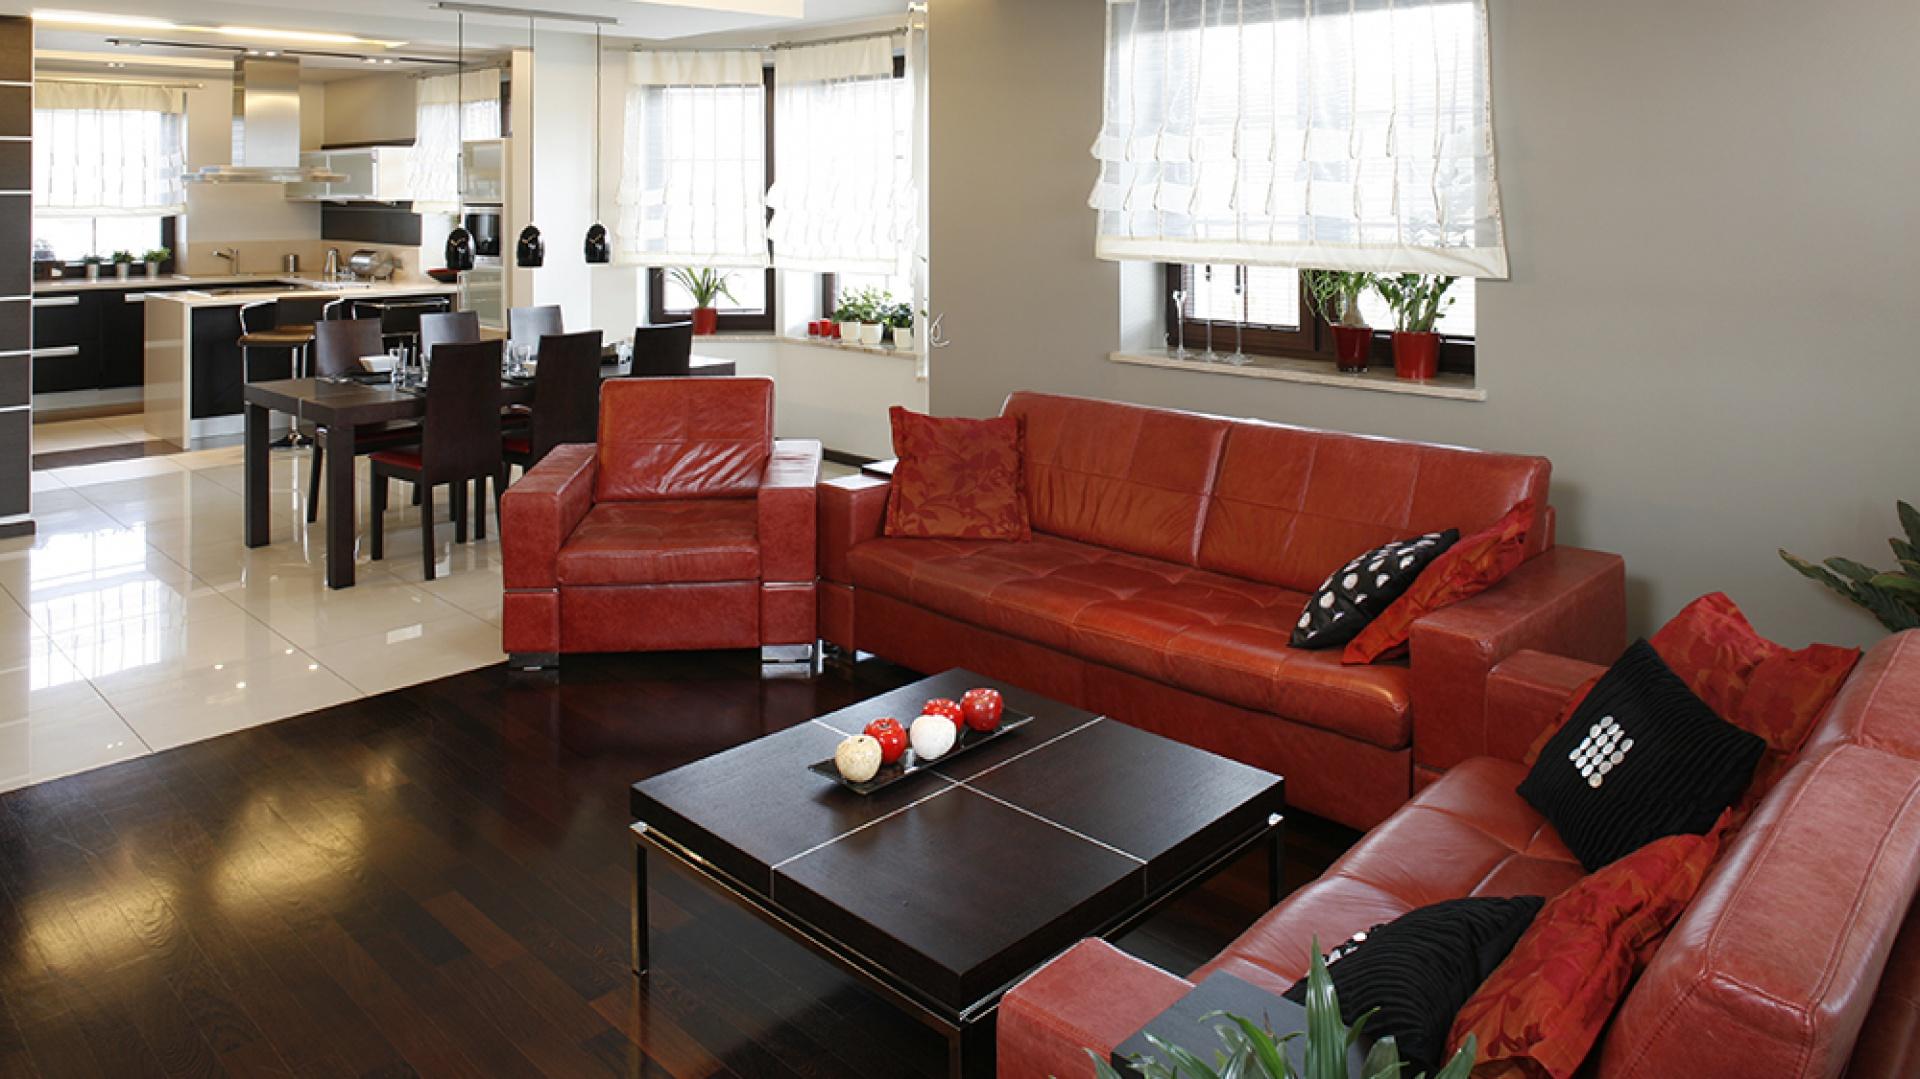 Stonowana baza kolorystyczna (brąz i beż) posłużyła jako tło dla mocniejszych w barwie akcentów – czerwony skórzany zestaw wypoczynkowy (Agata Meble) skutecznie ożywia wnętrze, podobnie jak nawiązujące do niego, czerwone obicia krzeseł jadalnianych (Paged). Fot. Bartosz Jarosz.